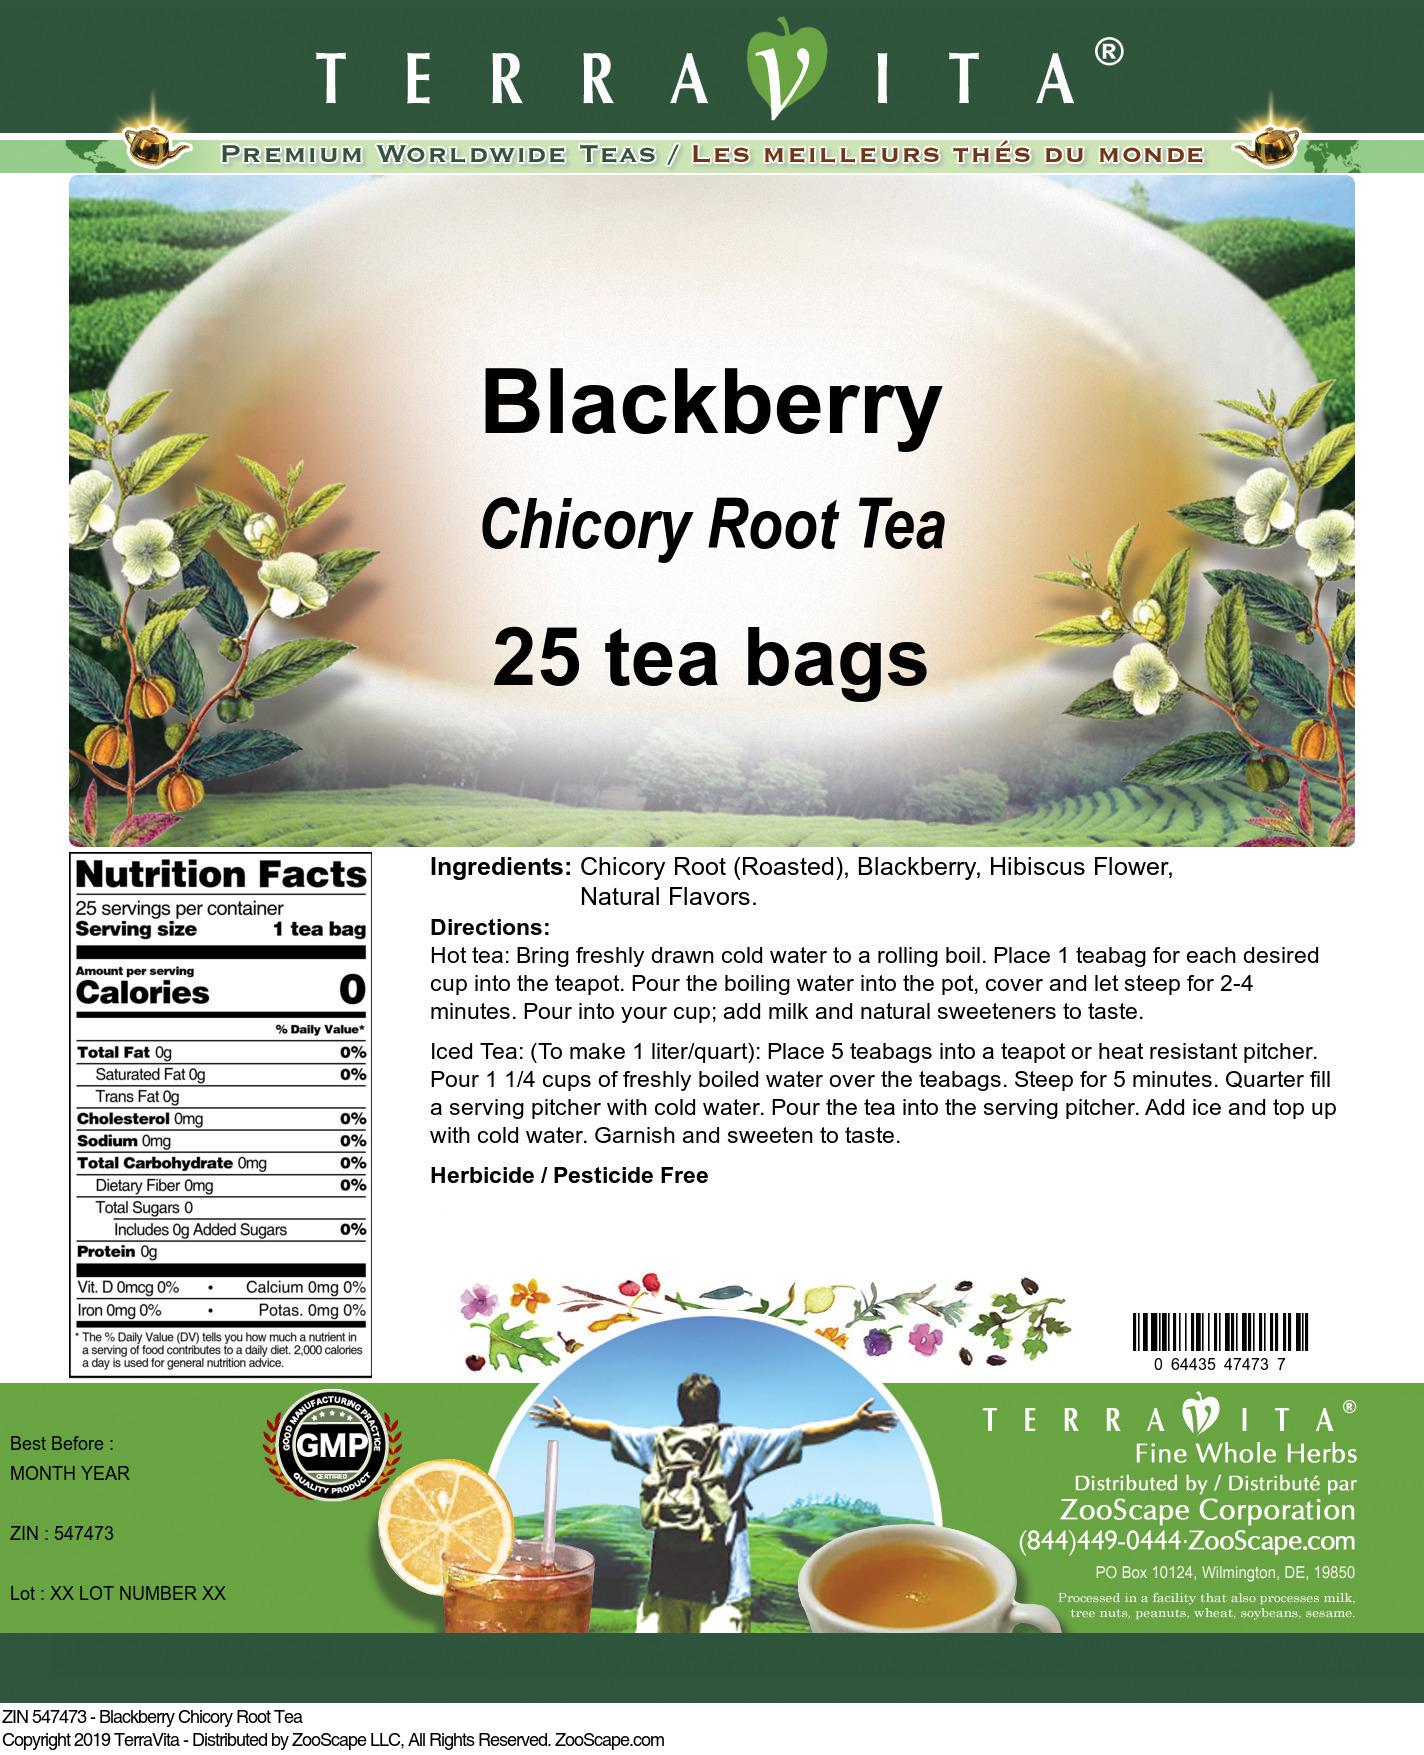 Blackberry Chicory Root Tea